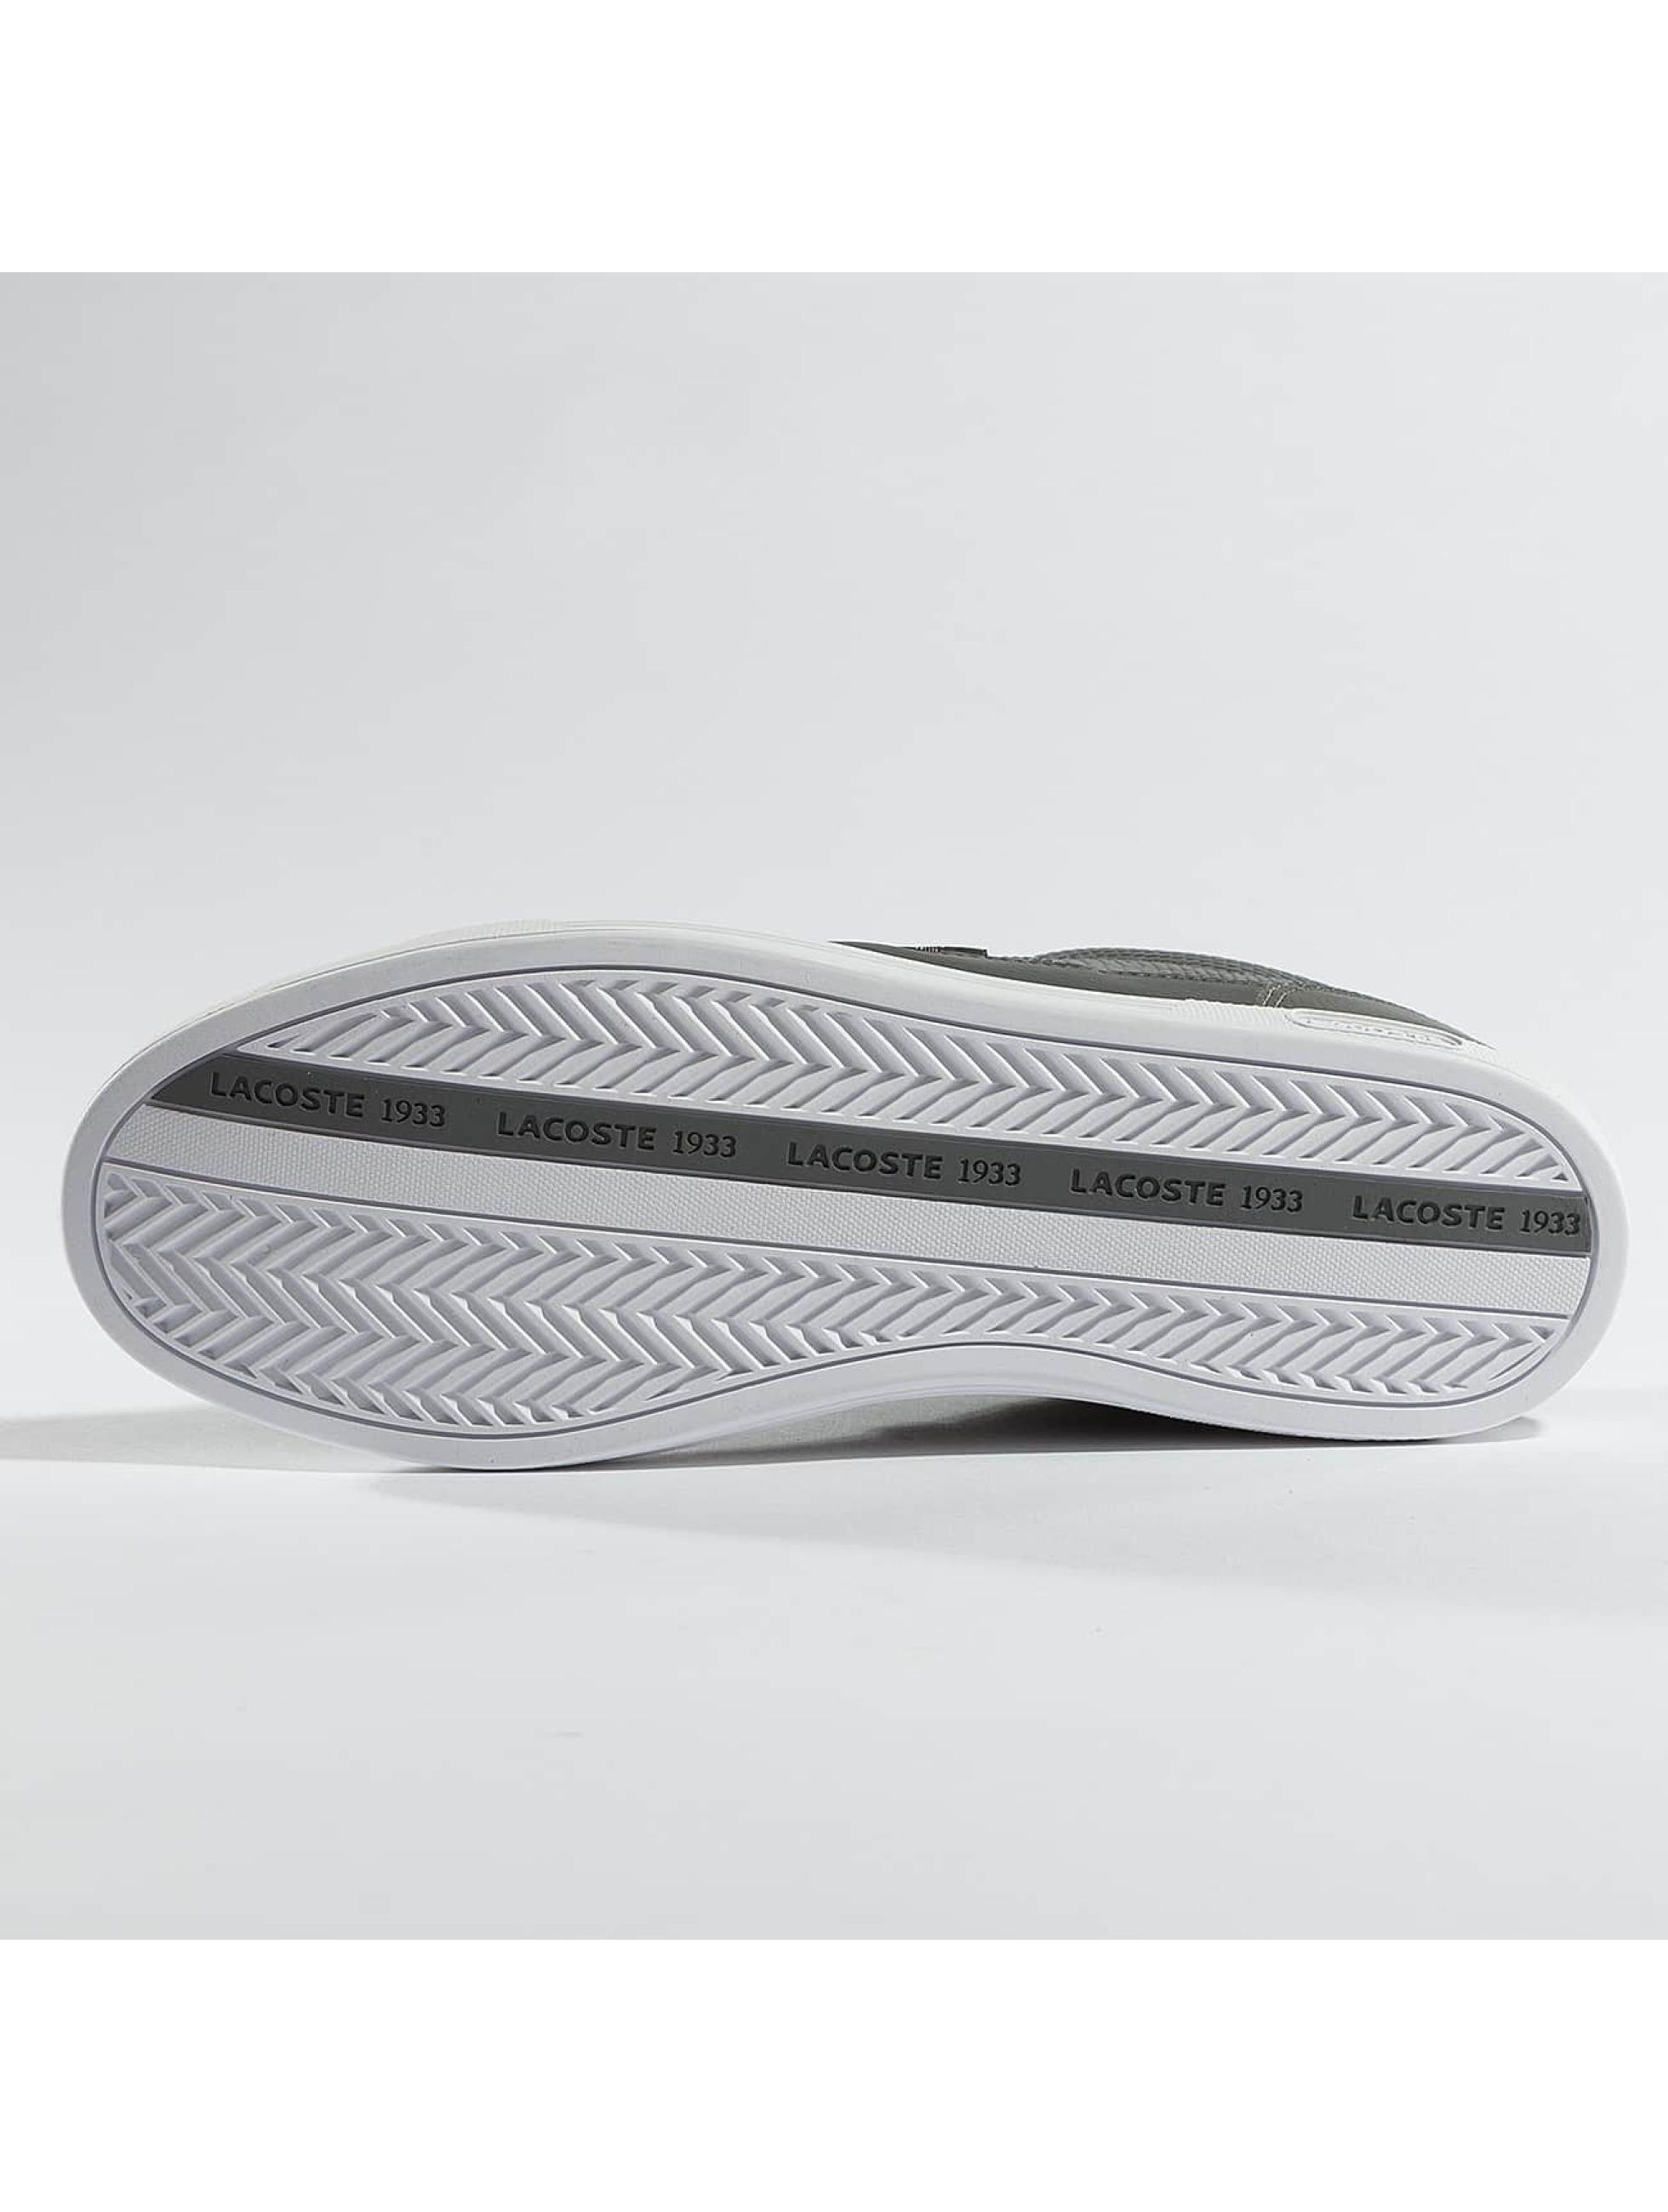 Lacoste Sneakers Europa gray